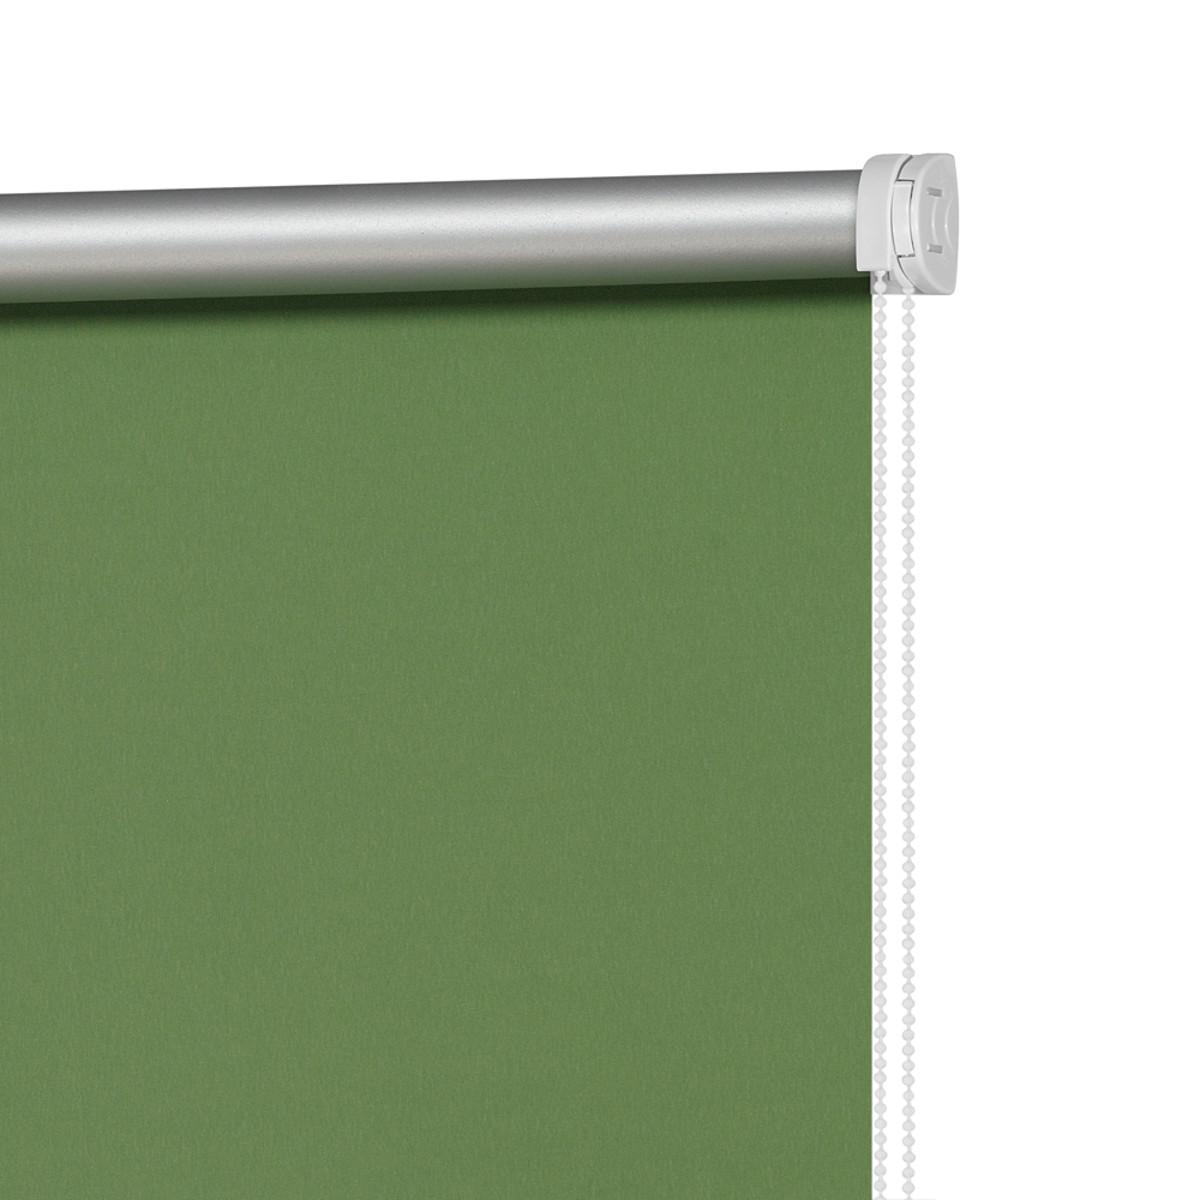 Рулонная Ора Decofest Блэкаут Плайн 160Х175 Цвет Зеленый